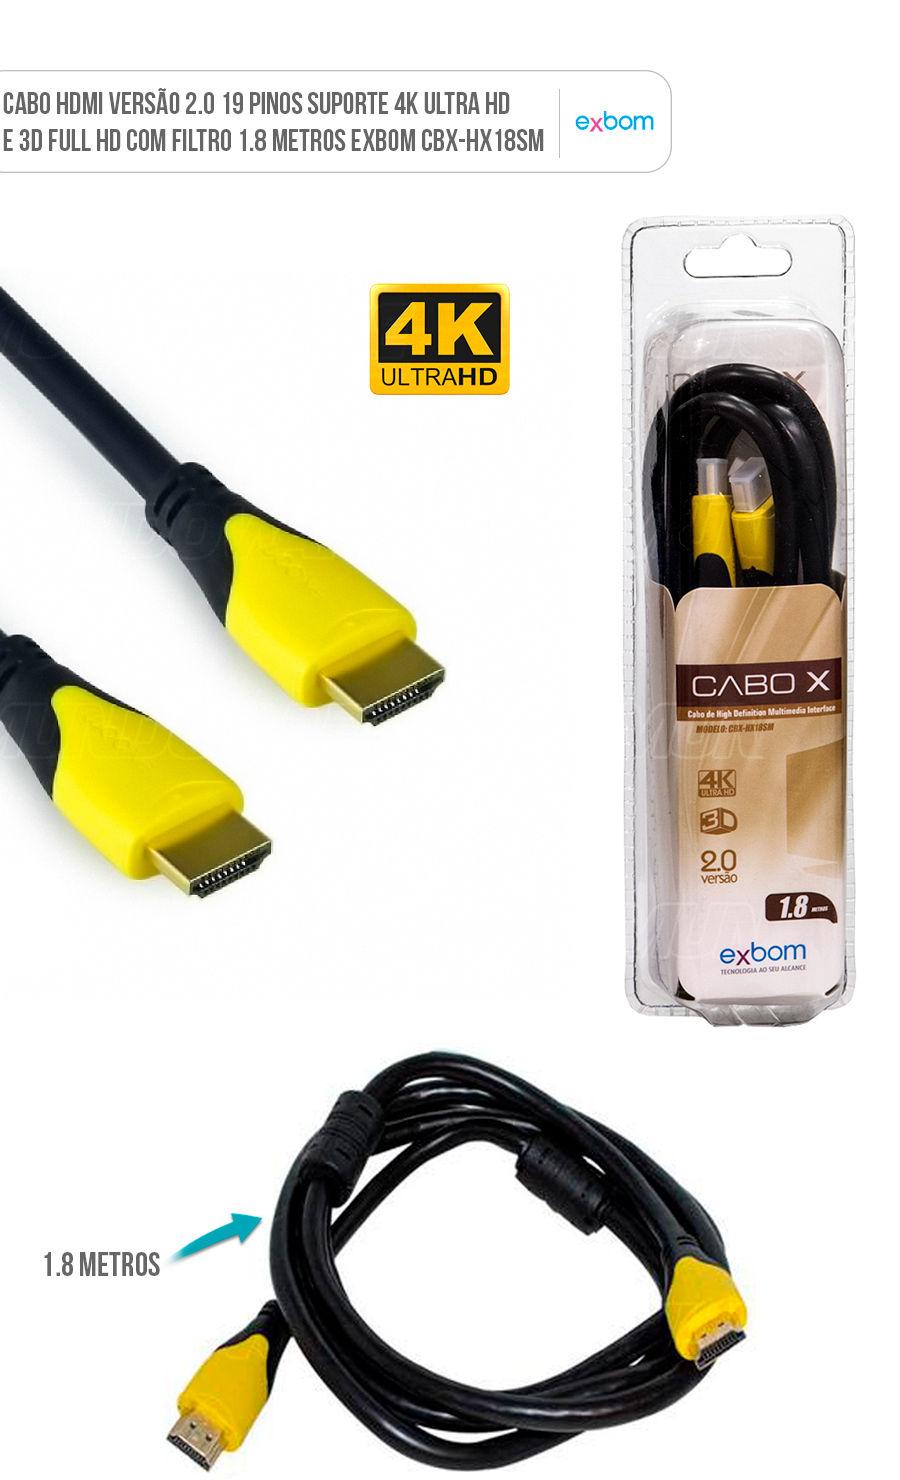 Cabo HDMI versão 2.0 com 19pin suporte 4K UHD e 3D 1.8m